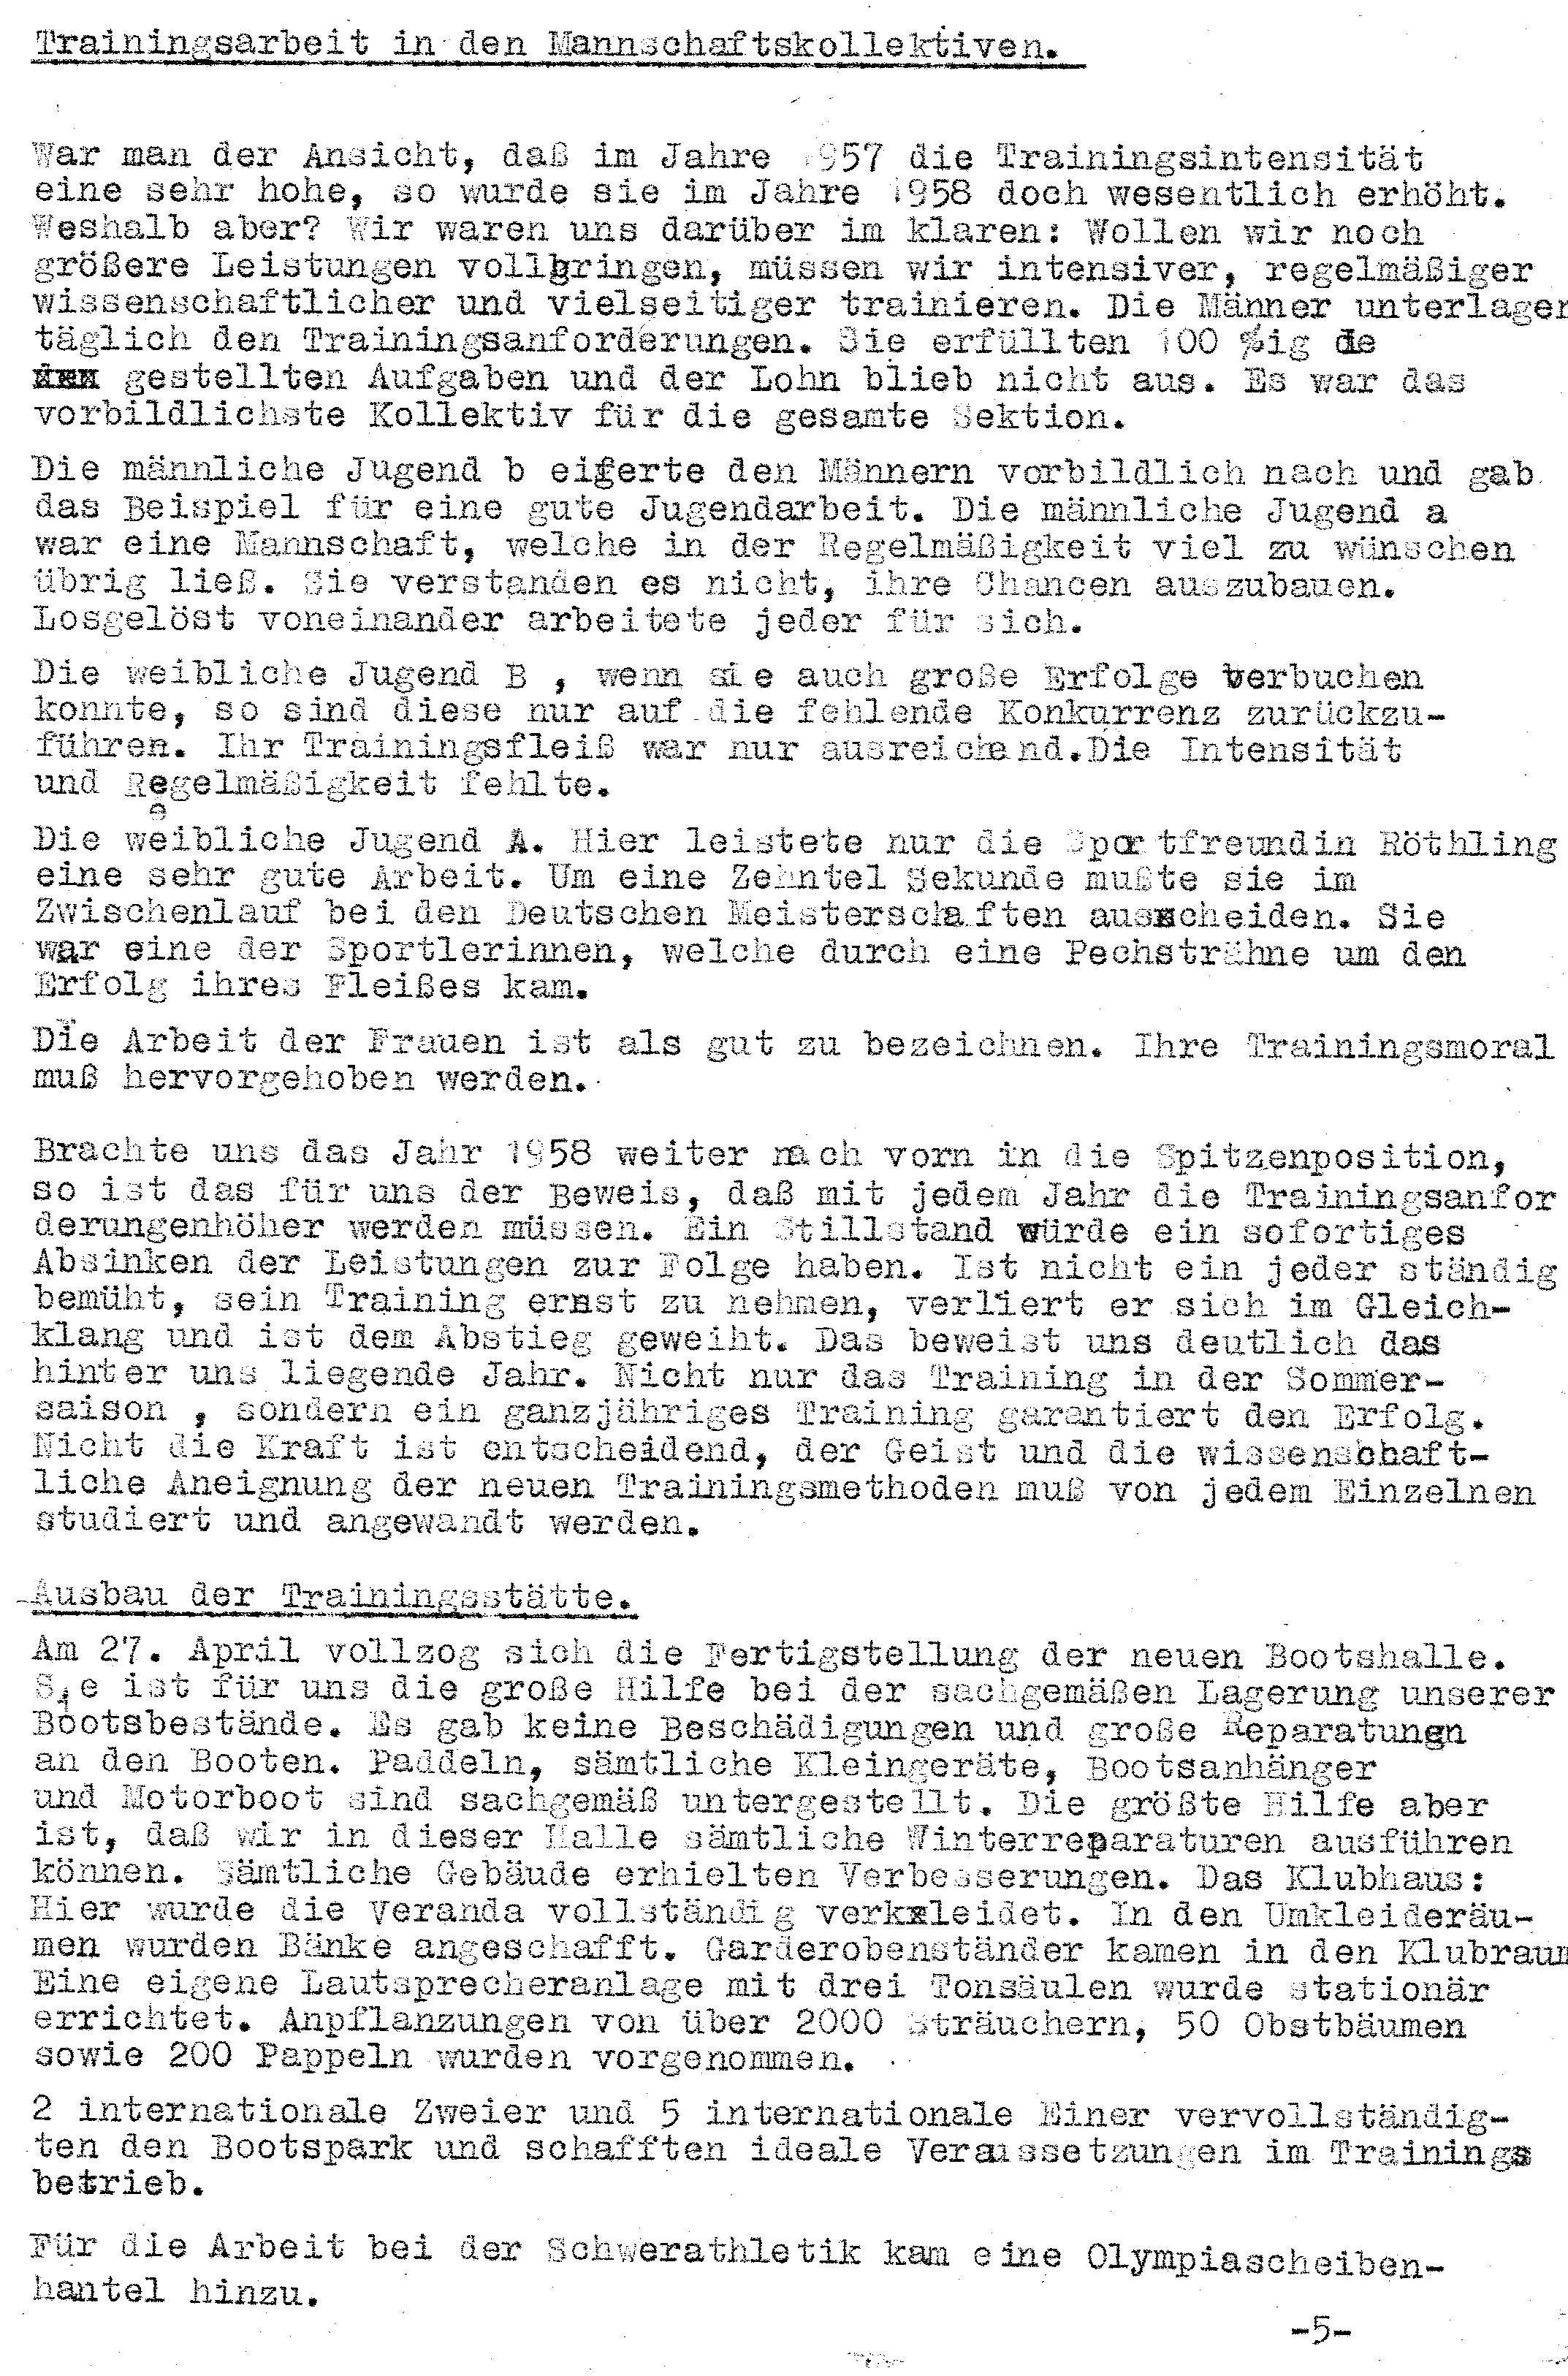 1958 Jahresauswertung